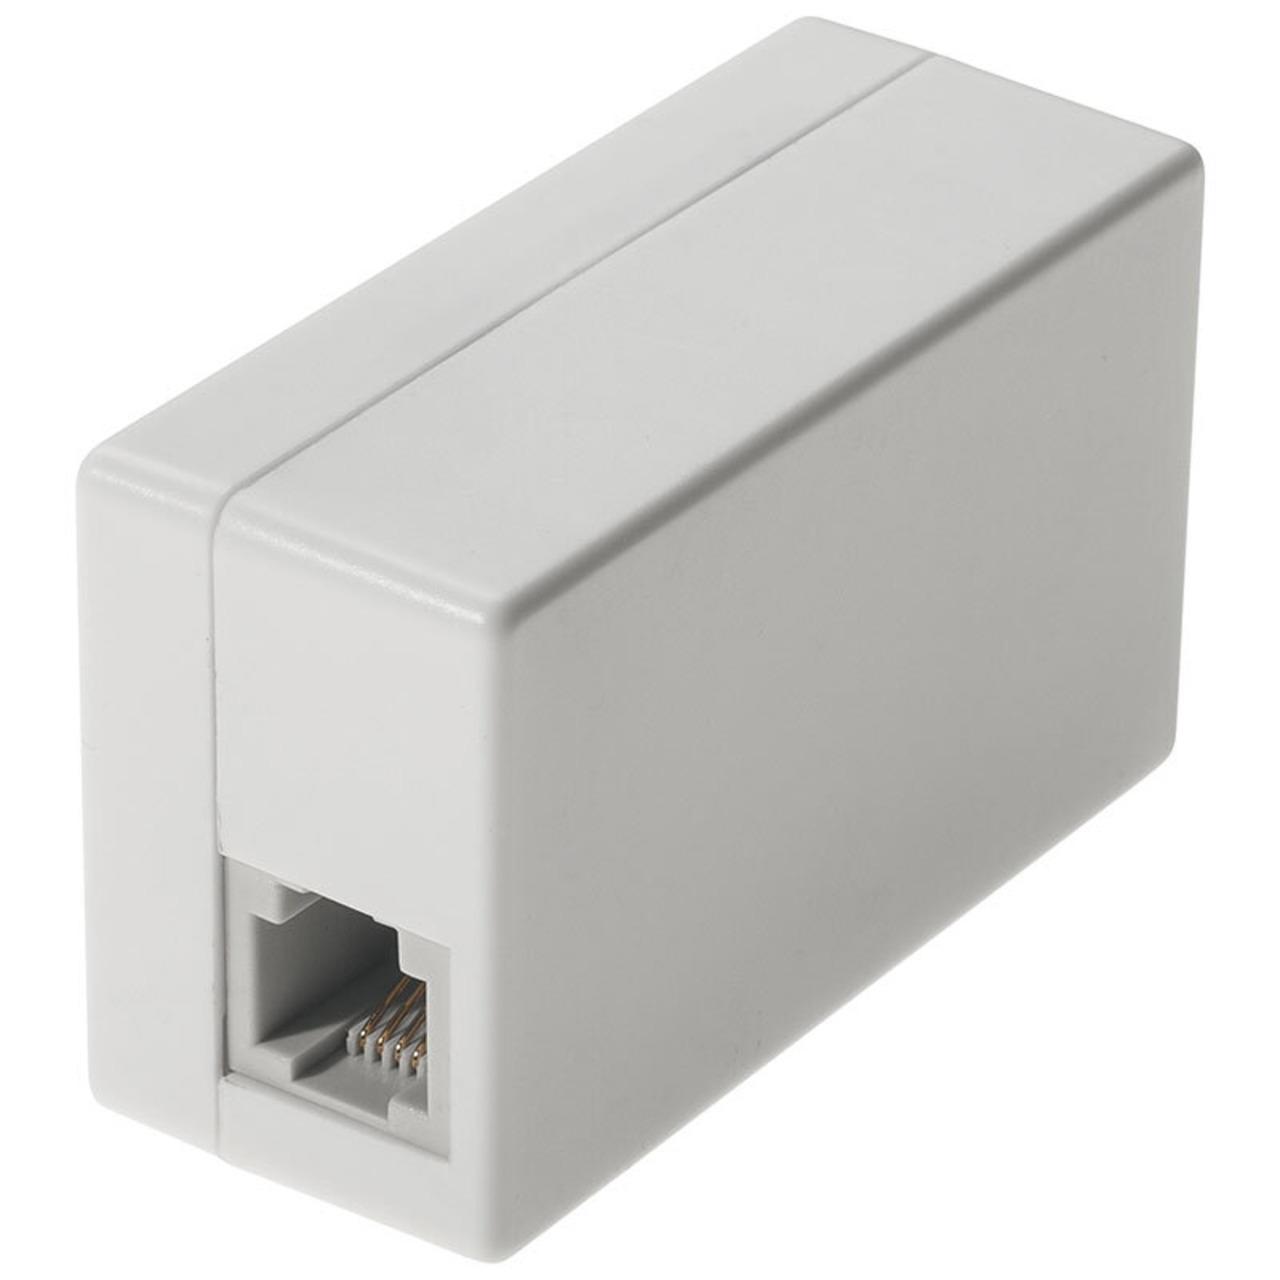 Telefonabhörgerät- zum Schalten zwischen Telefonbuchse und Telefon- mit microSD-Kartenslot